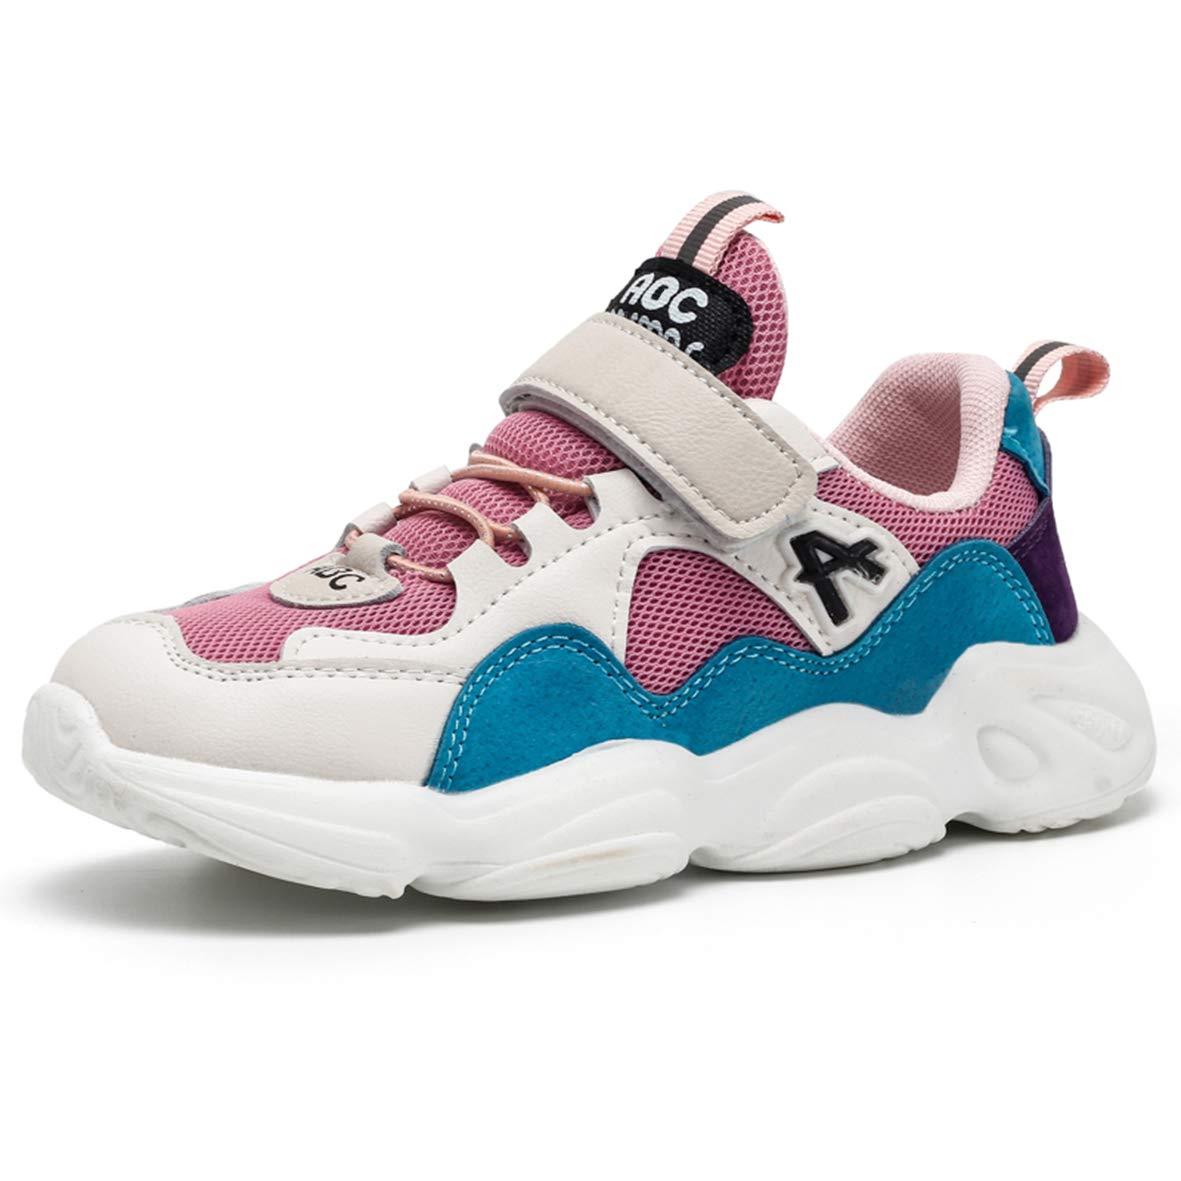 super popular 9b246 3fab0 Chaussures de Sport Enfants Baskets Mode Garçon Chaussures de Running Fille  Chaussures Basses Garçon Chaussures de